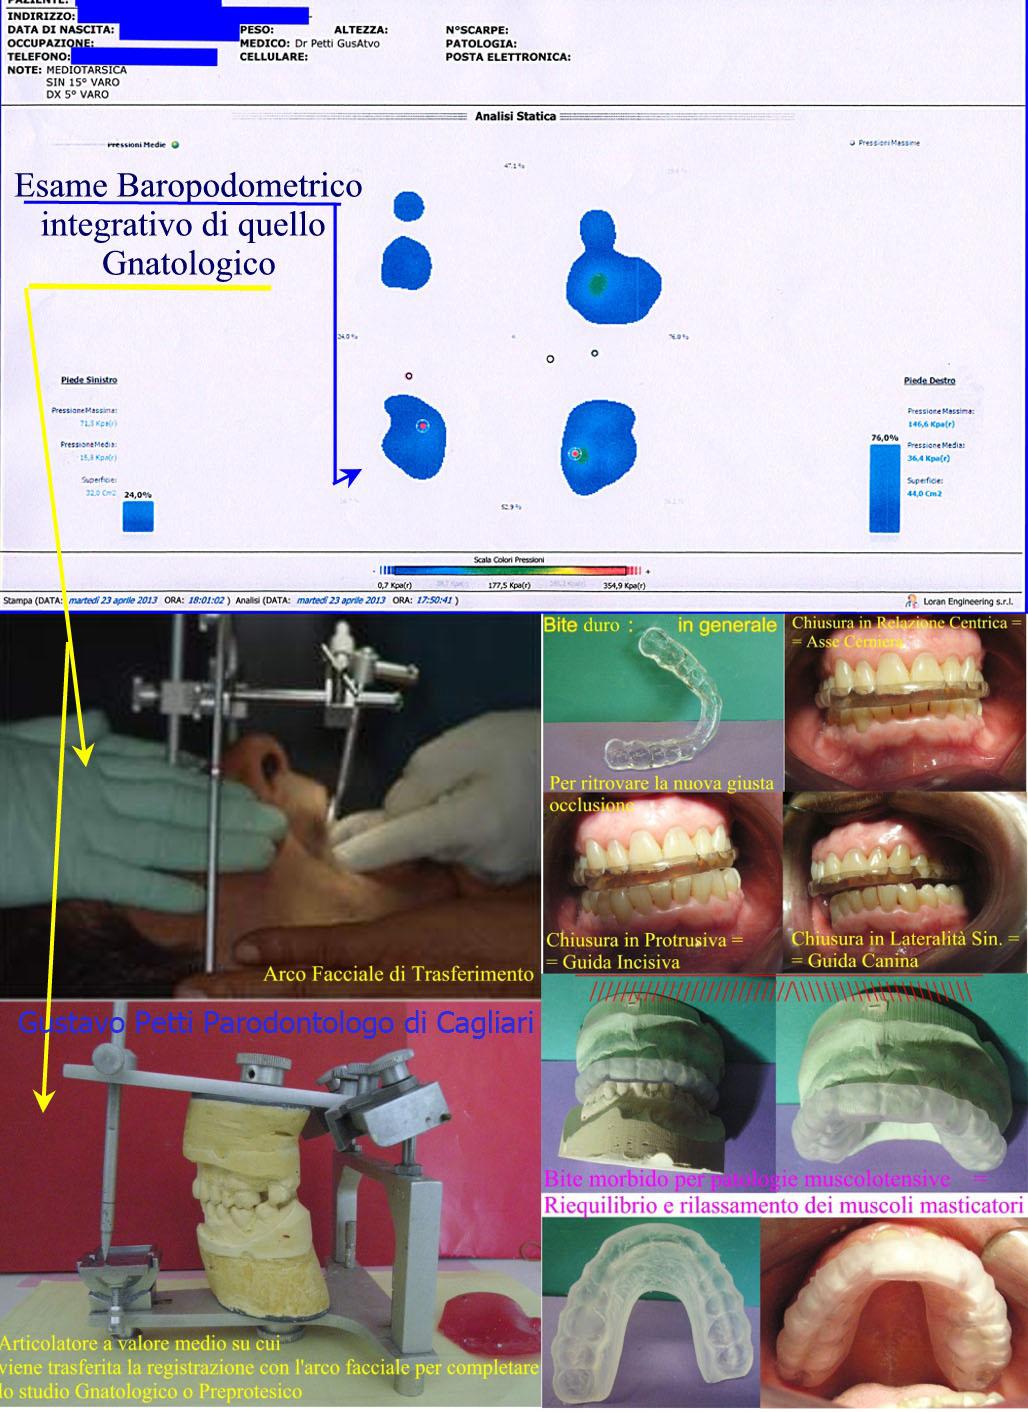 analisi-gnatologica-dr-g.petti-1801.jpg